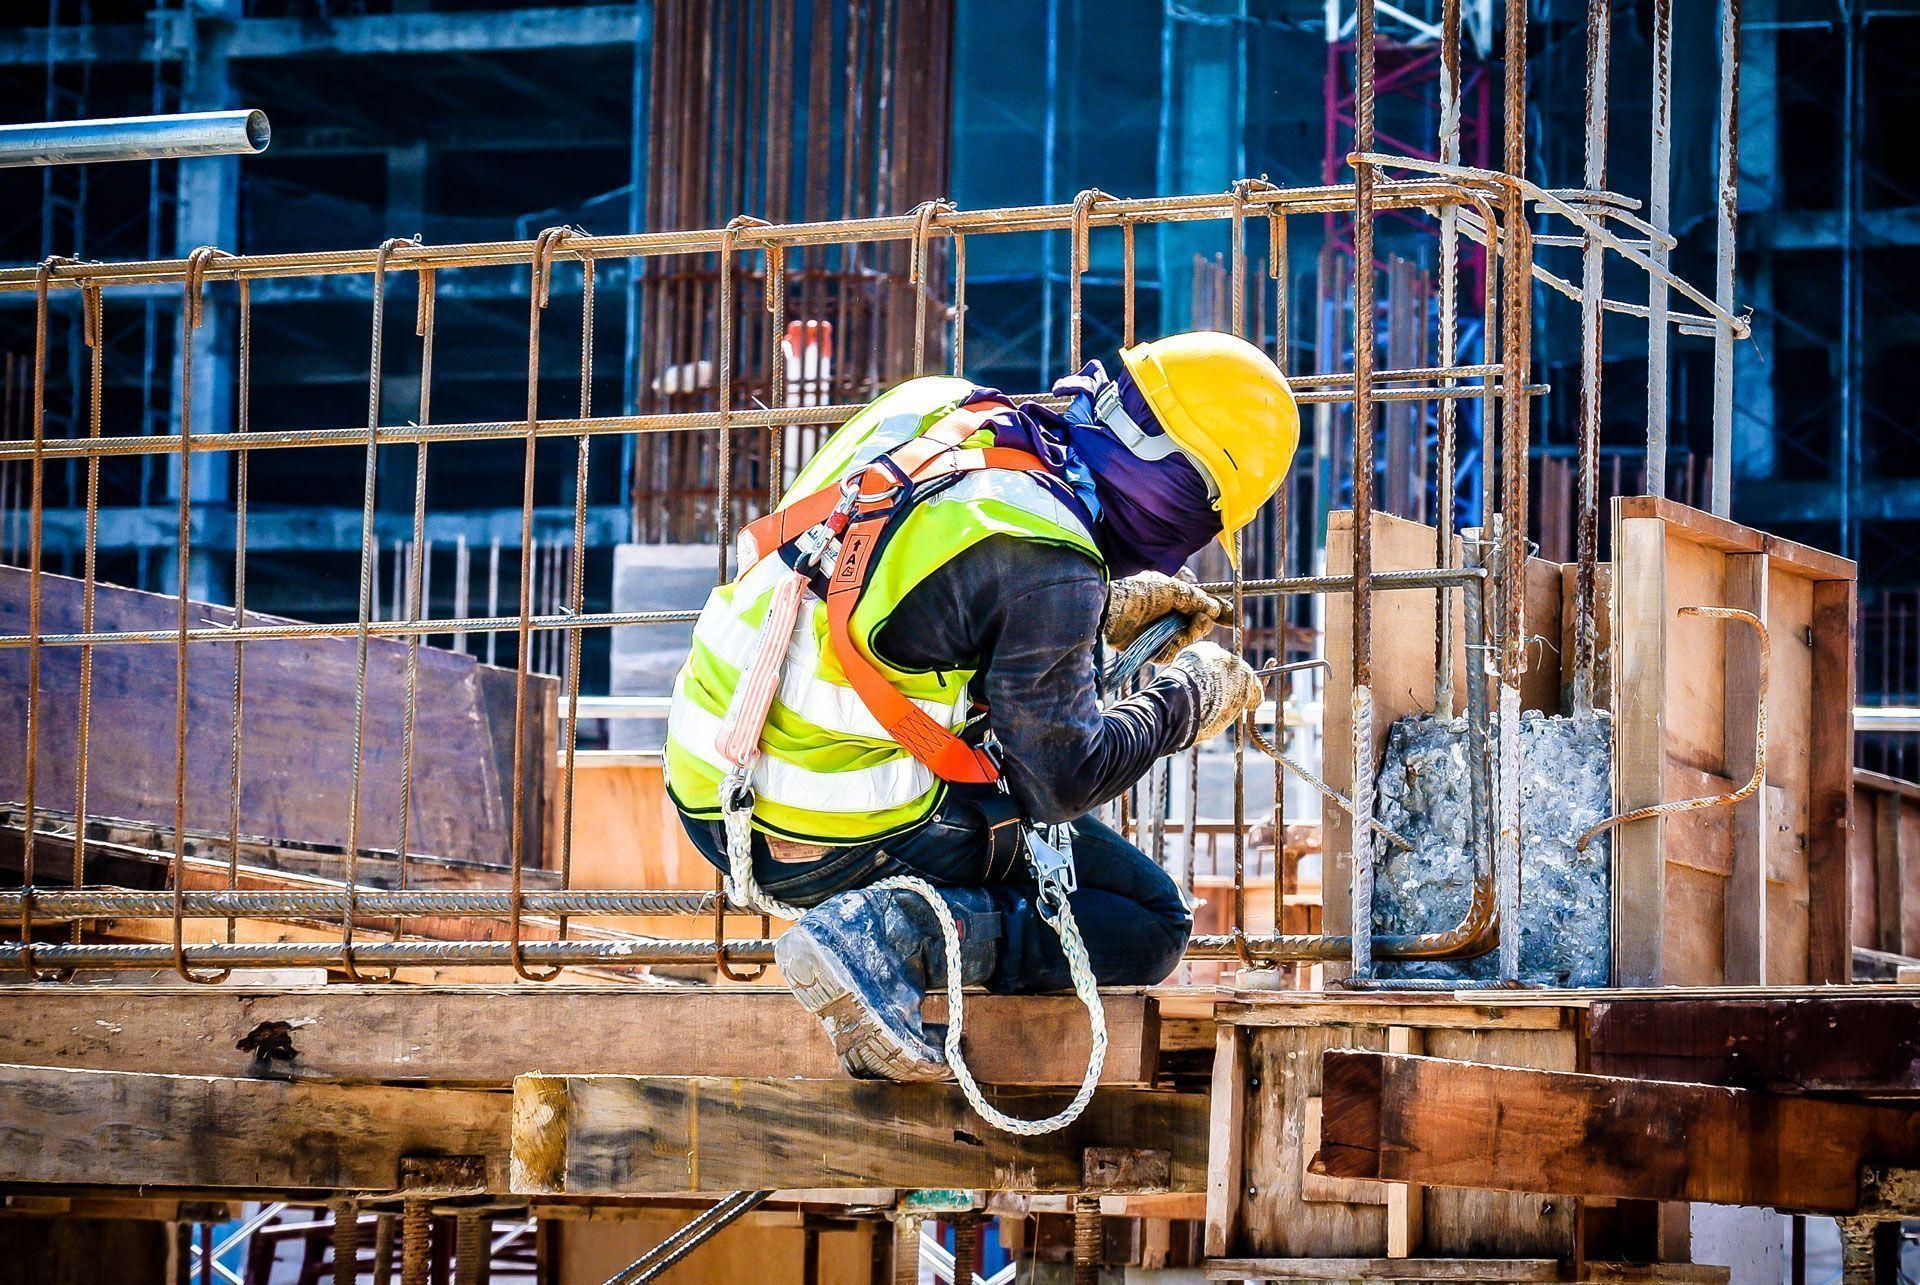 Escalador Irata N1 convocados para vagas em obras de construção civil. Necessário disponibilidade para viagens